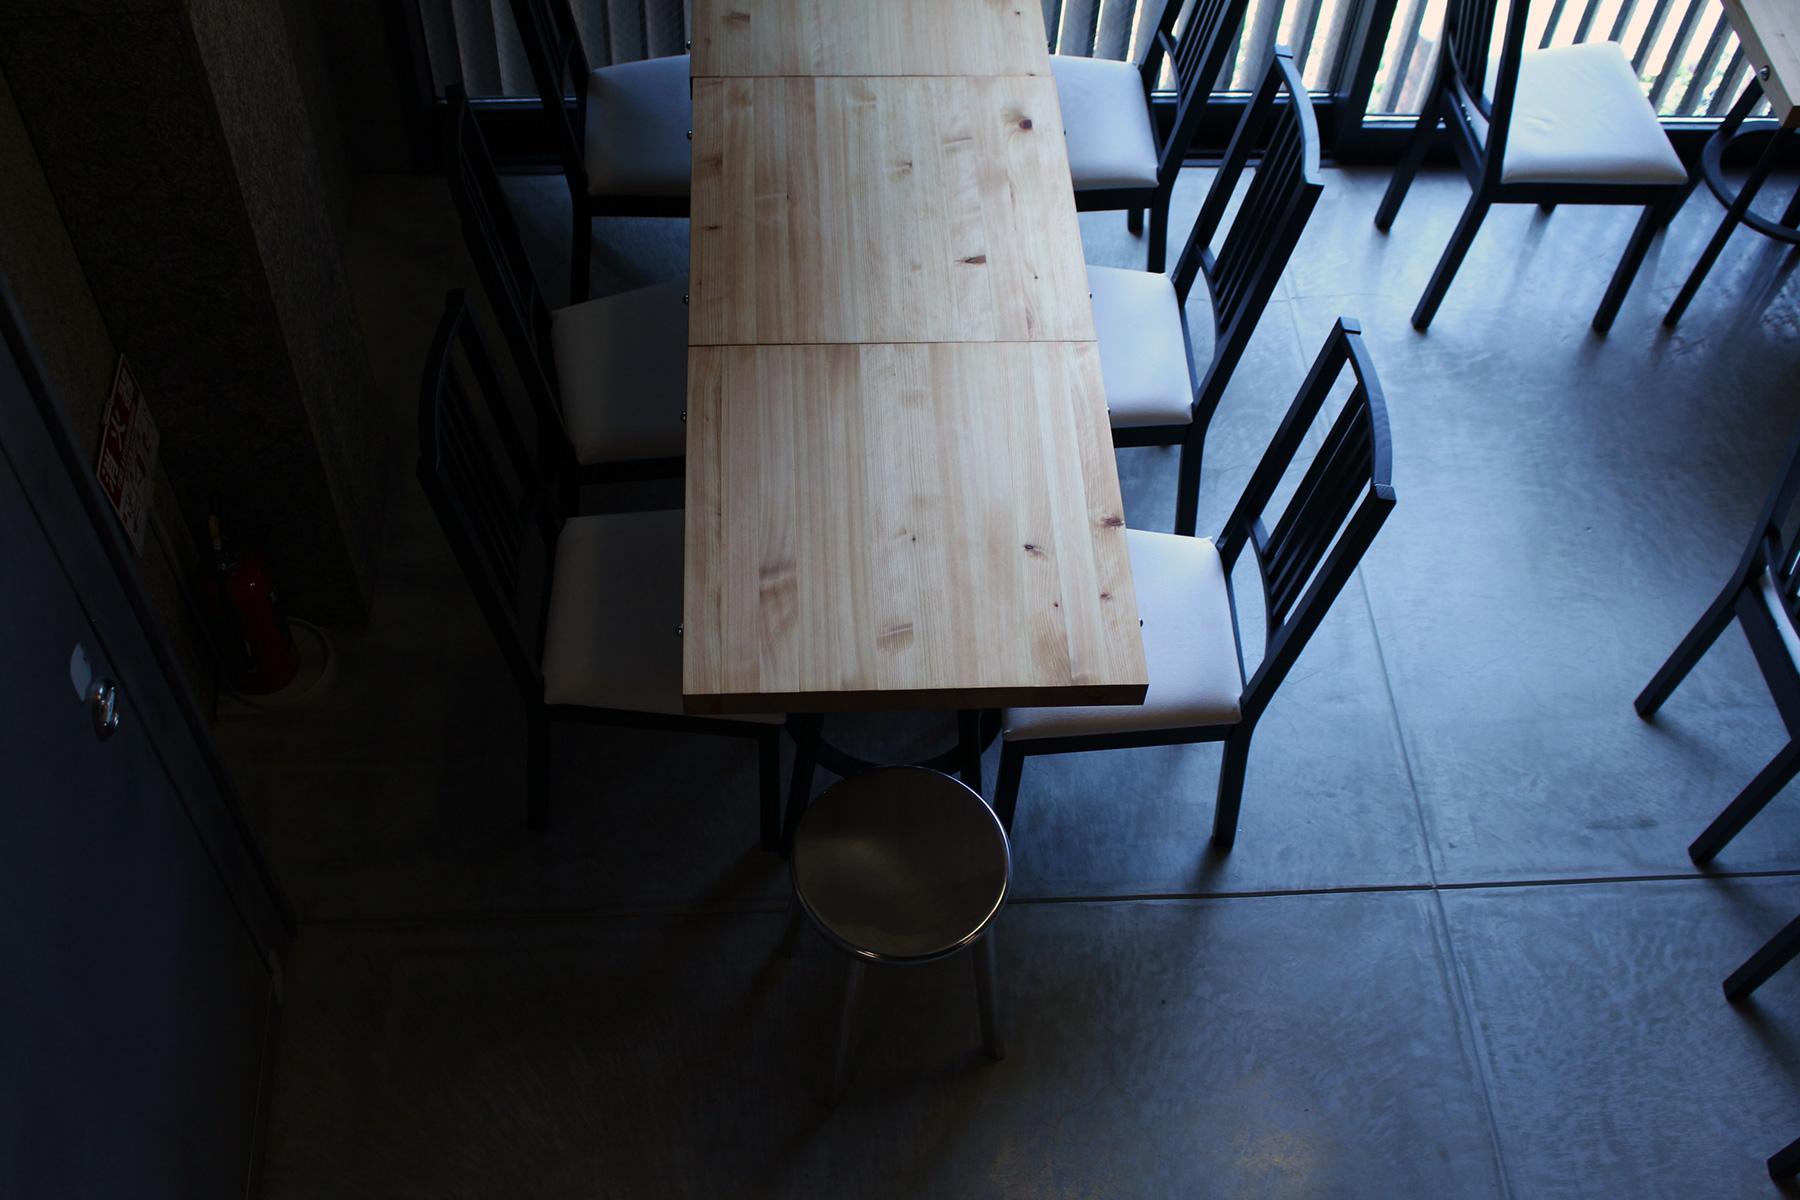 【京都】何度でも行きたいおすすめカフェ・コーヒースタンド FORUM KYOTO (フォーラム 京都)